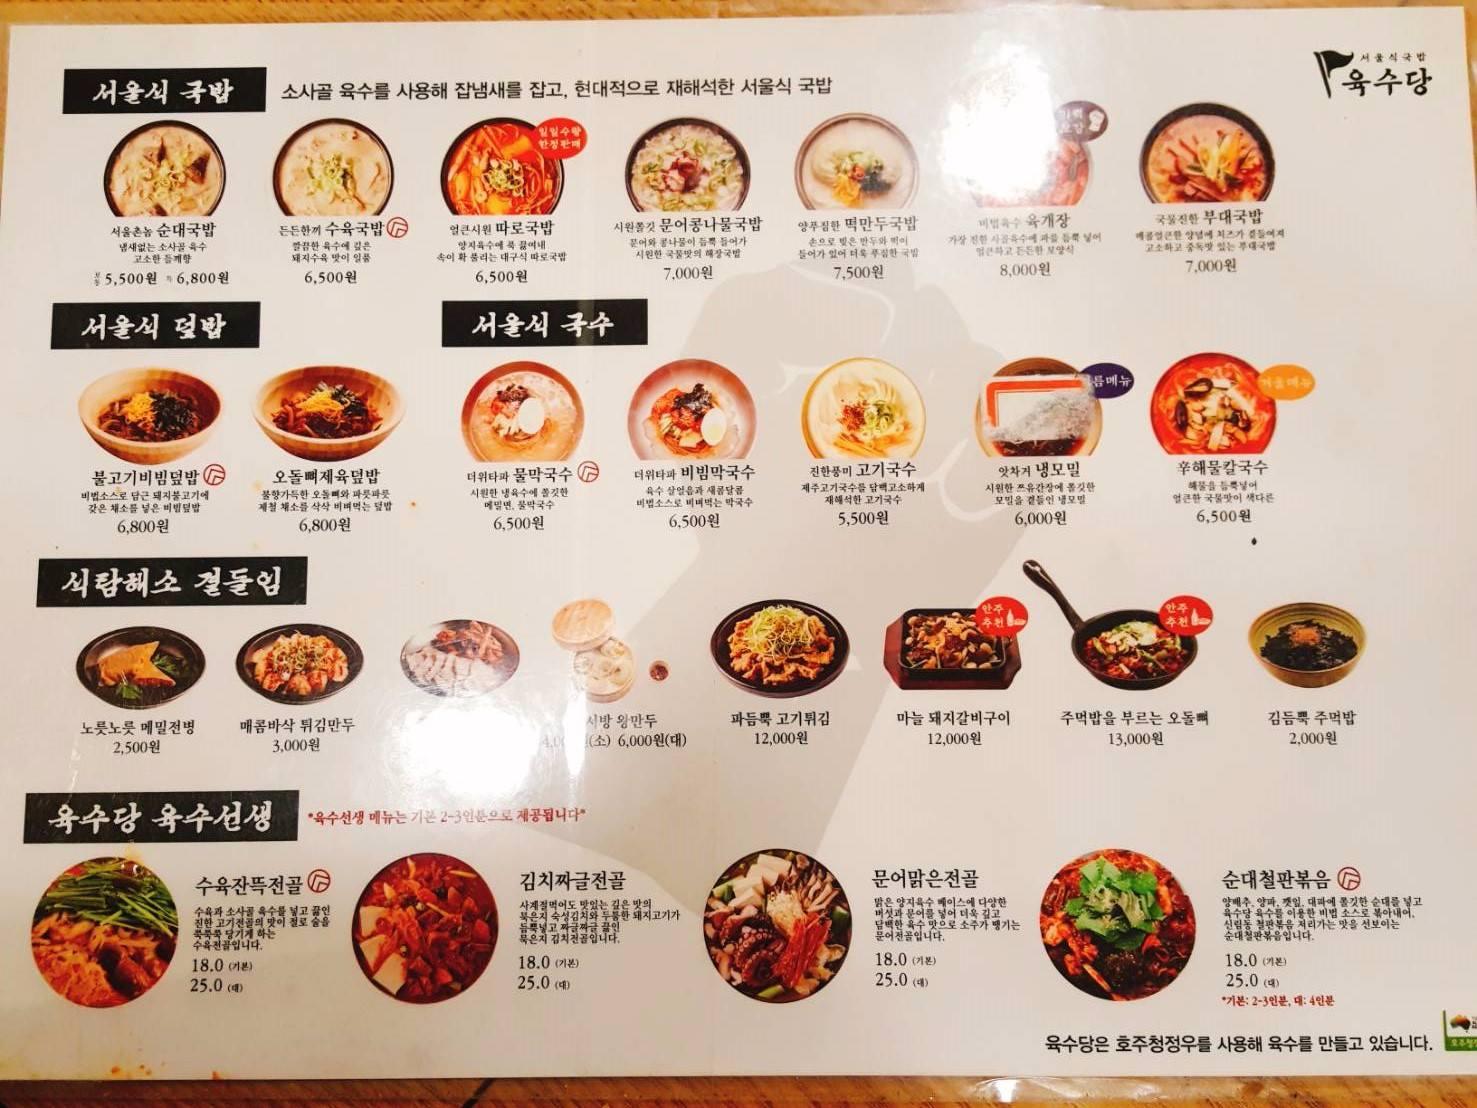 這菜單搭配著圖片真得很萬惡!!!什麼都想點,對於不會韓文的朋友們也是很方便,就指著圖片點餐也是可以的!!